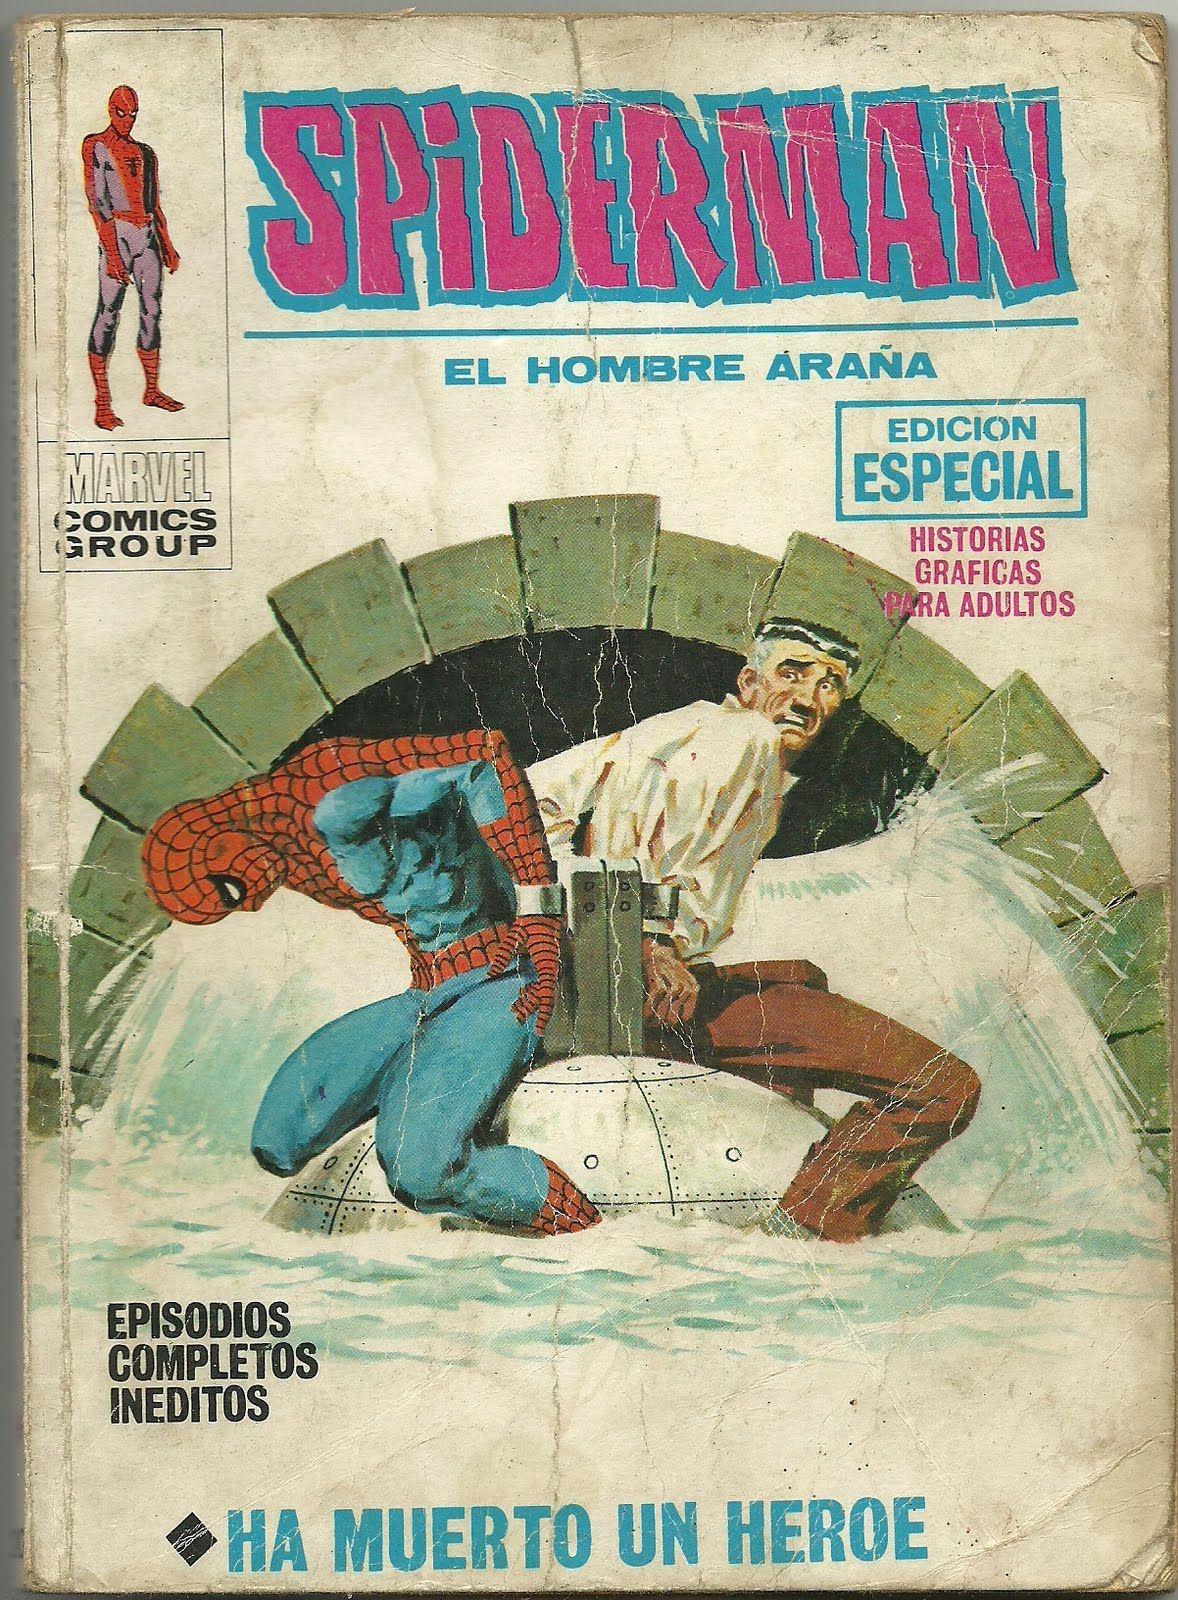 Tebeos Comics Y Otros Sucedaneos En Mis Estanterias Spiderman Tomo Vertice 20 Cómics Spiderman Comics Vintage